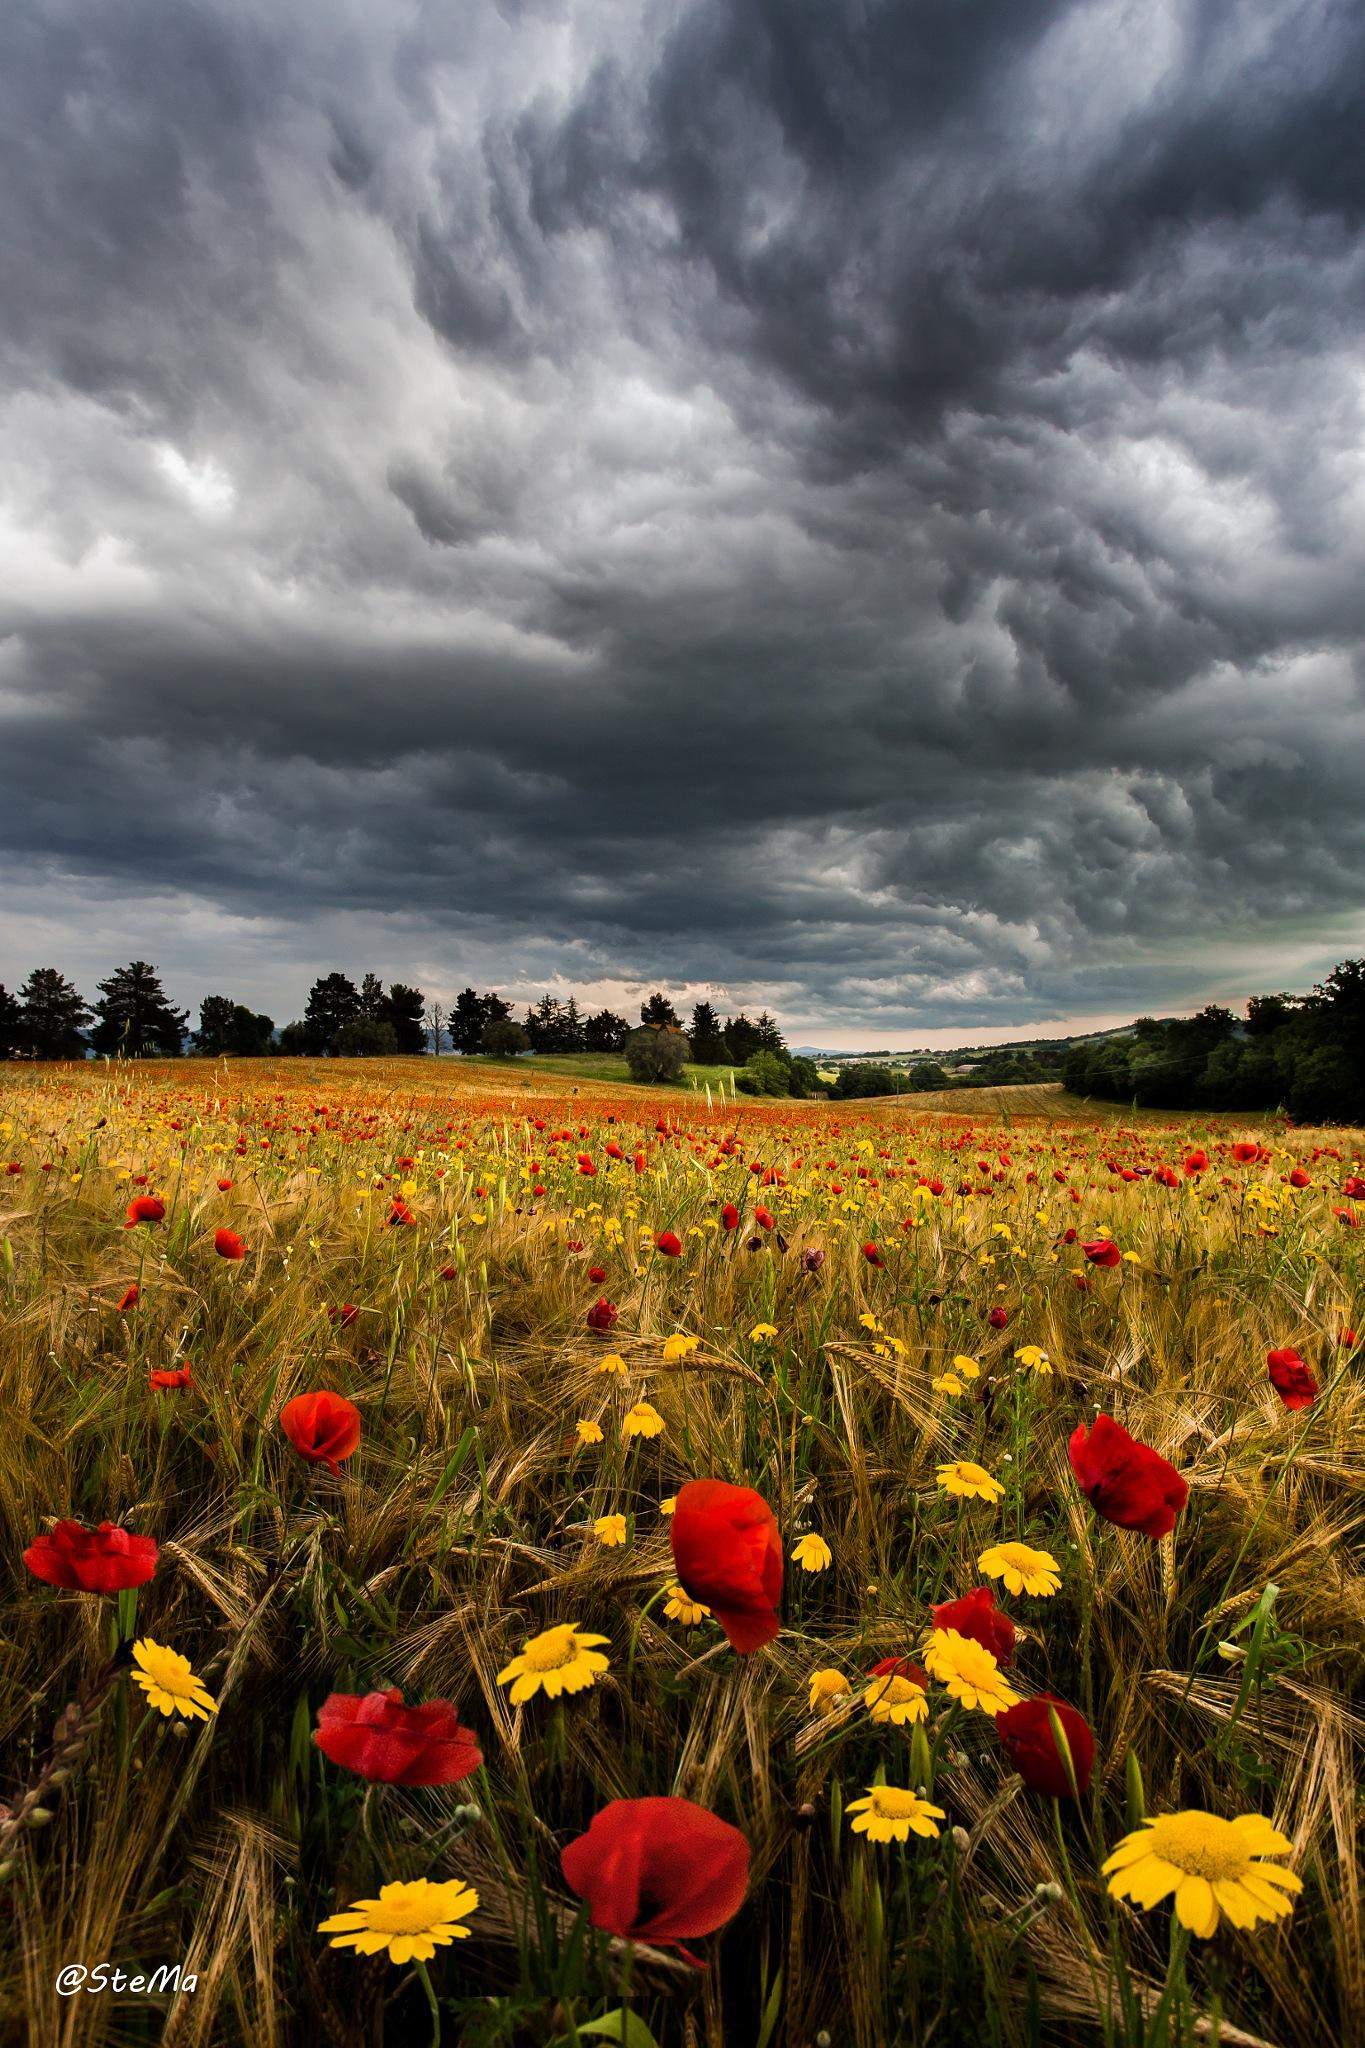 Arriva il temporale  by stefanomarsiliani56